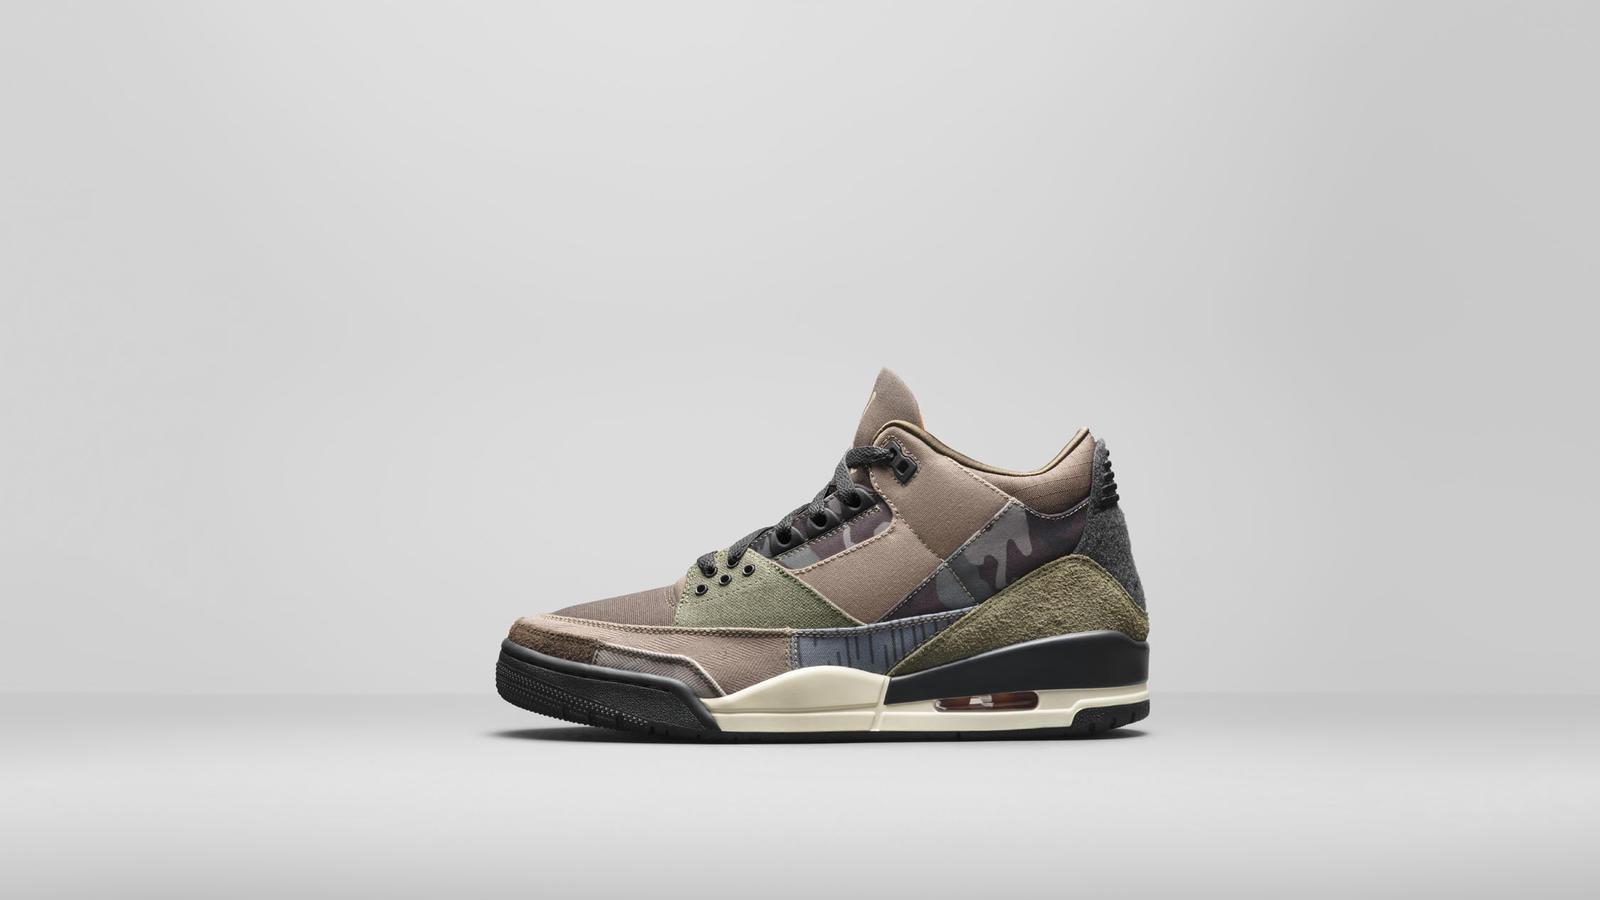 Nike News Jordan Brand Ho21 Retro Preview Aj Iii Retro Do1830 200 A1 Lateral V02 Lr